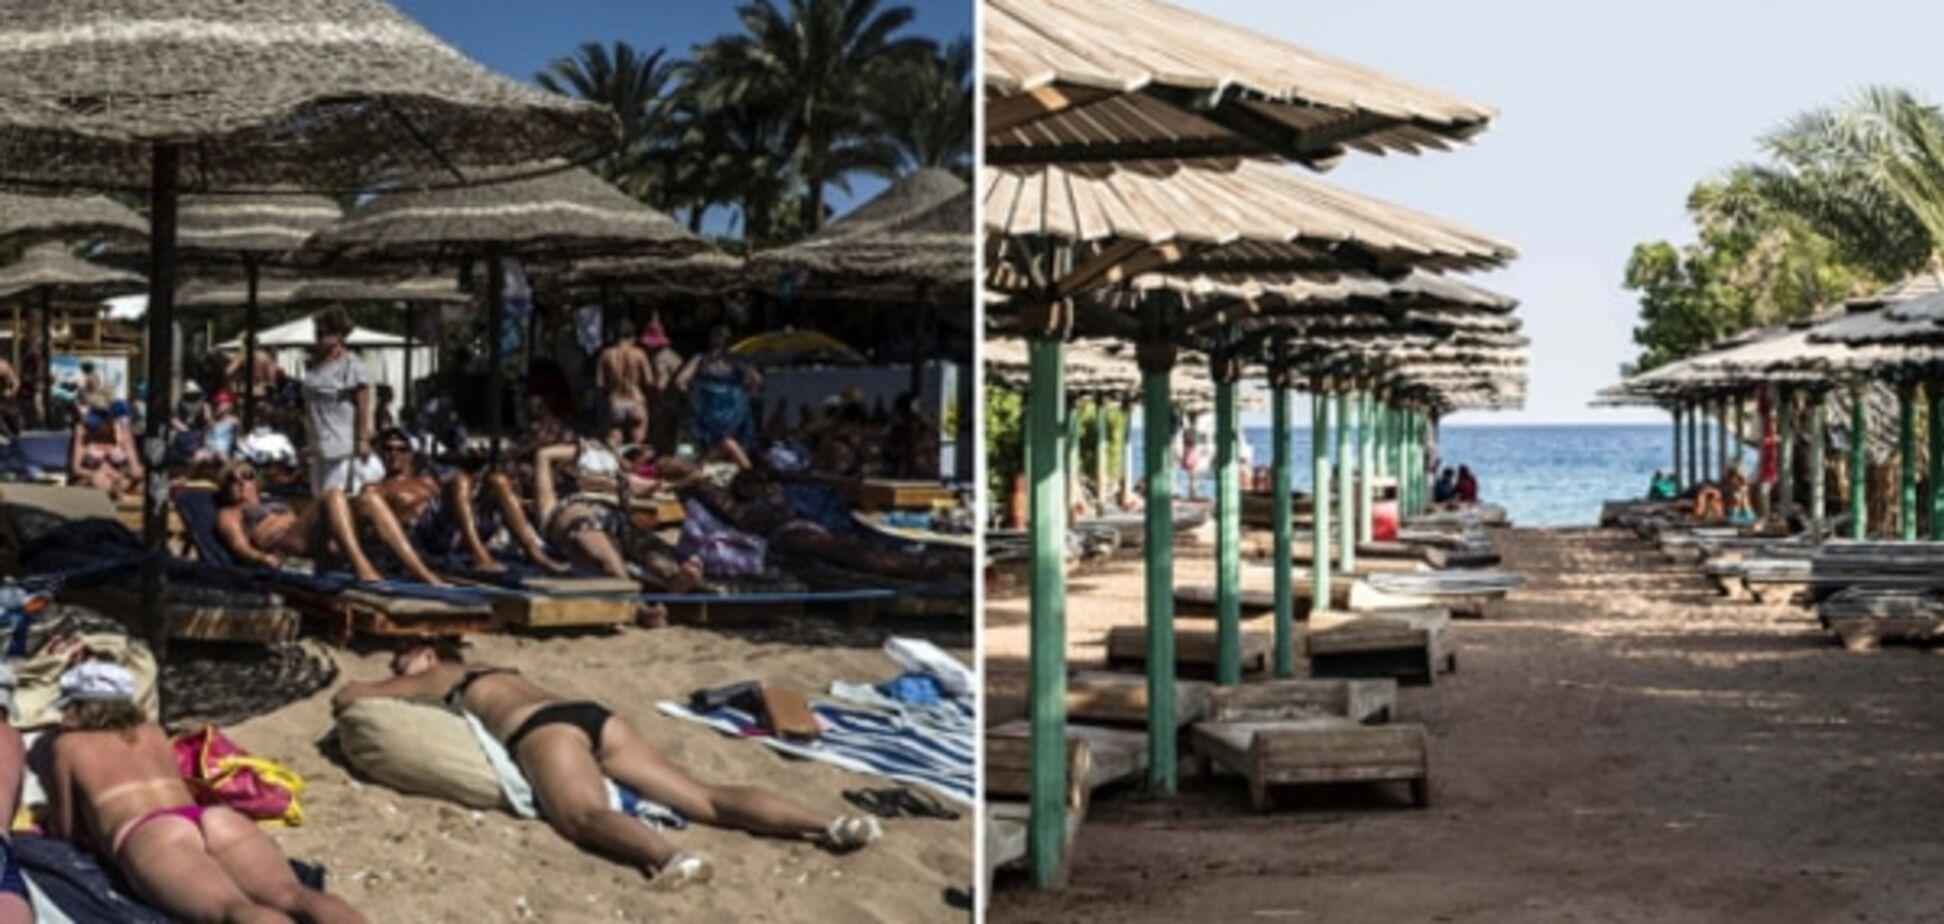 Город-призрак: как выглядит Шарм-эш-Шейх после авиакатастрофы